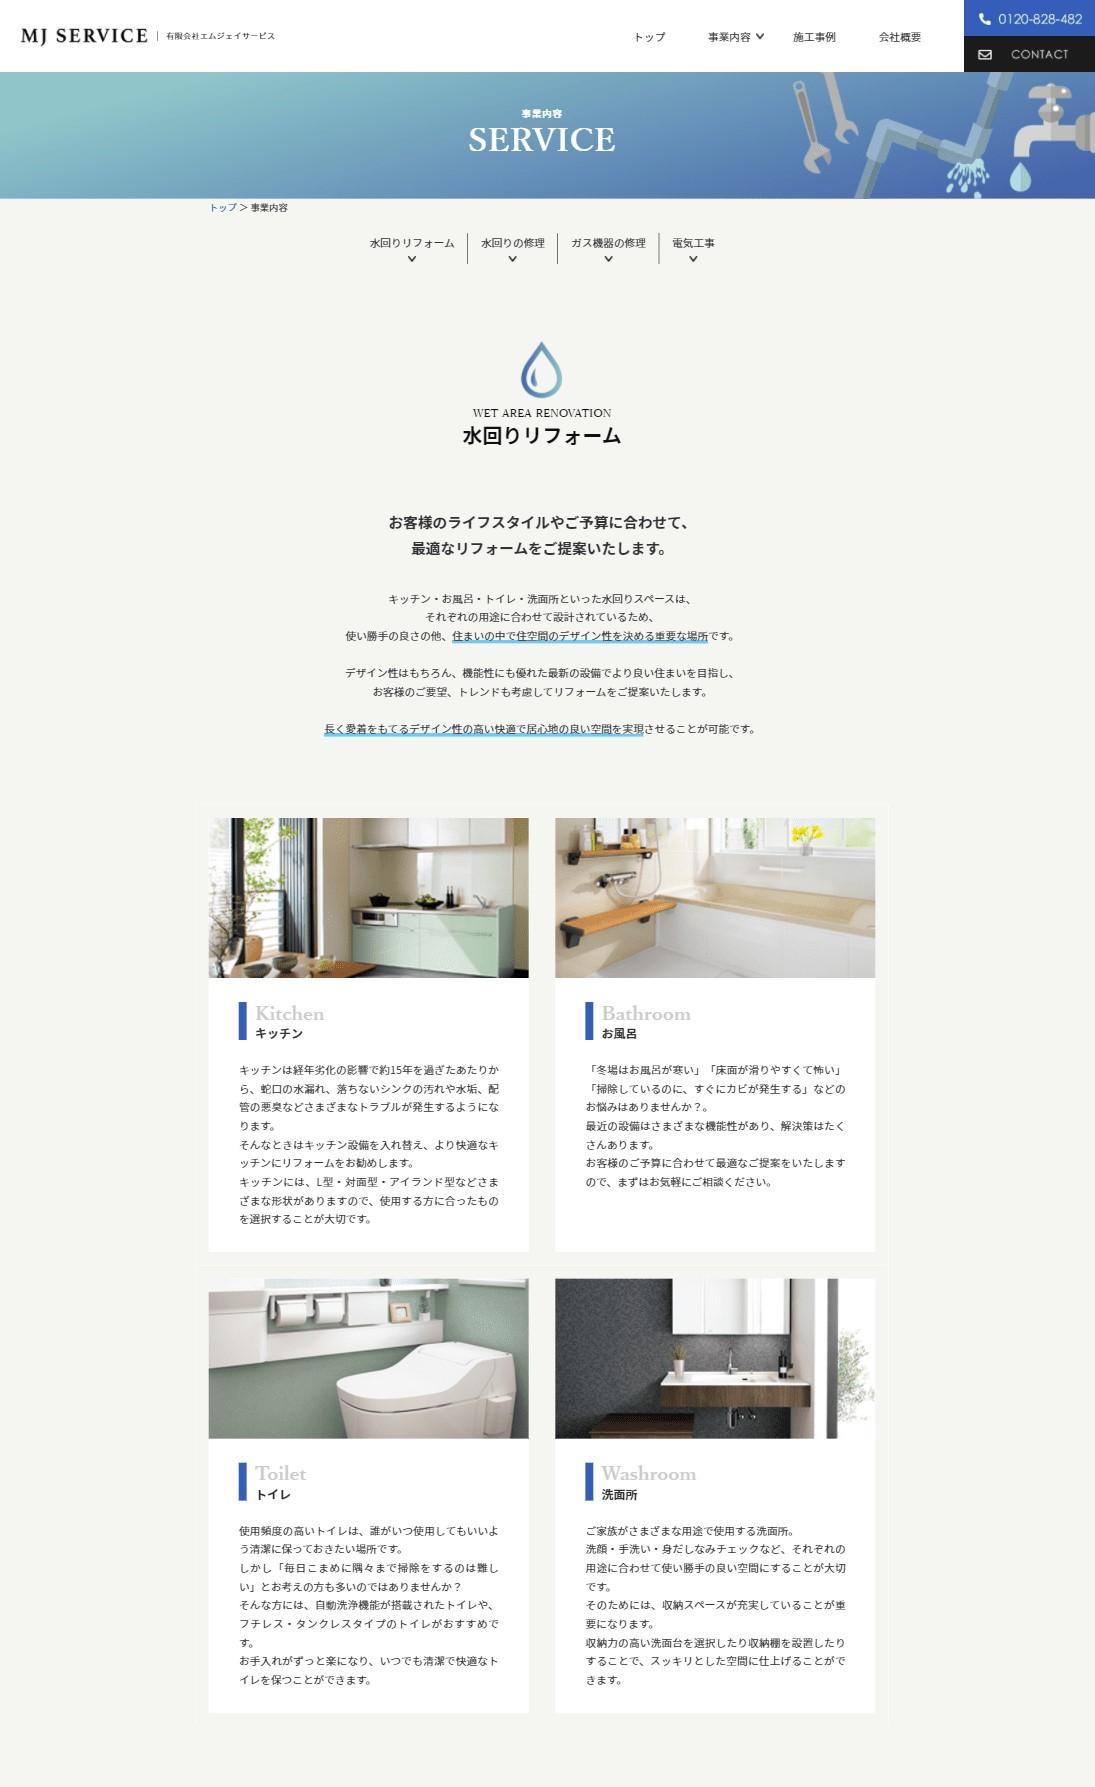 mjservice.jp_service_1-min